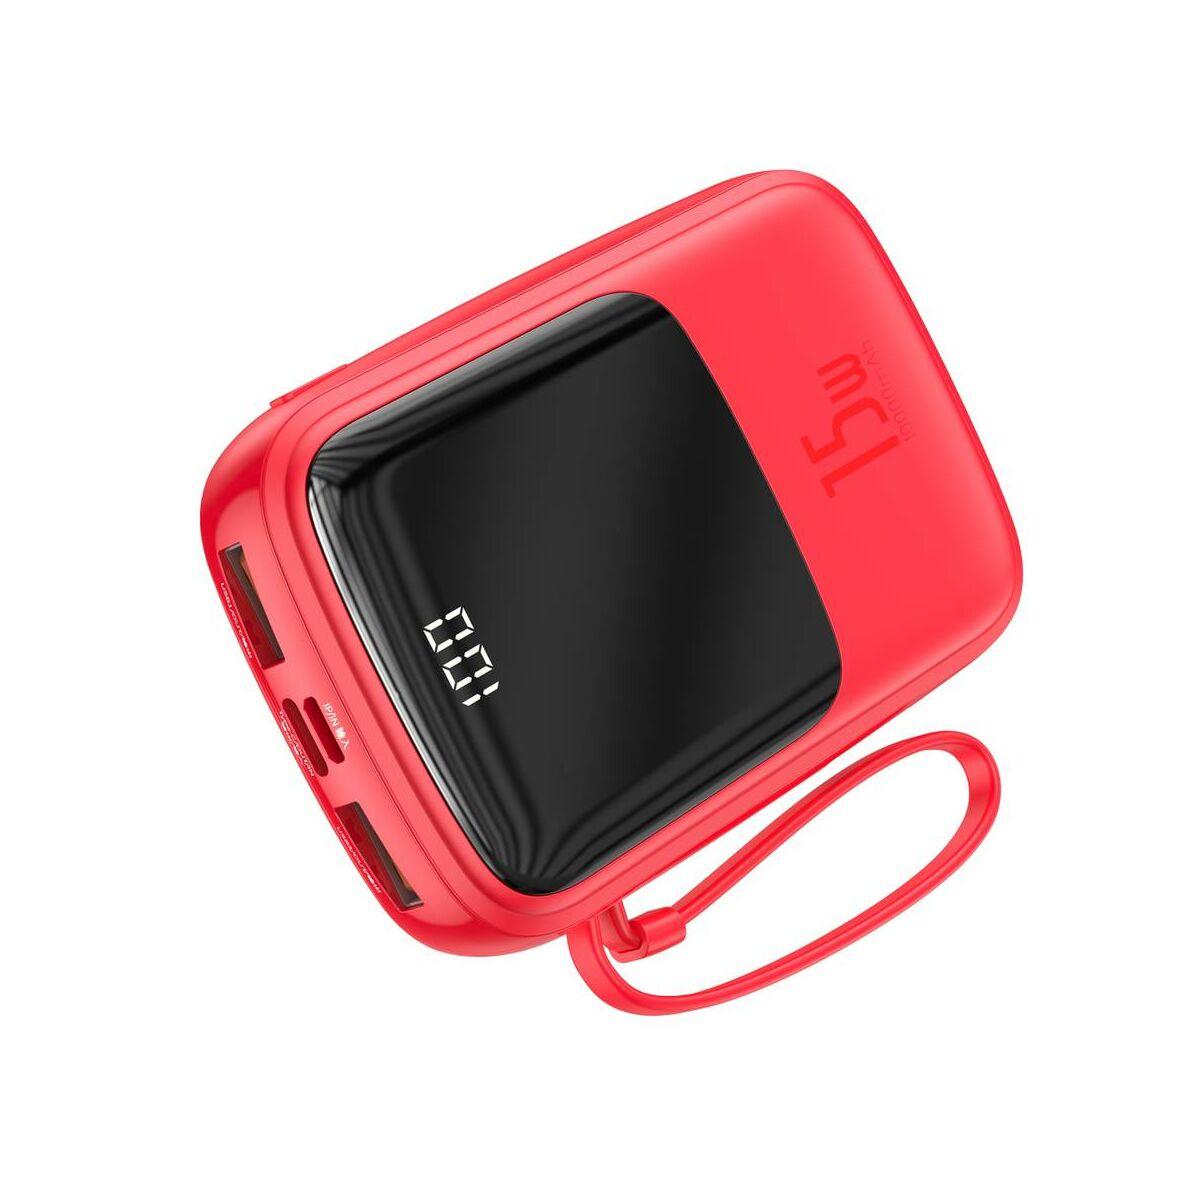 Baseus Power Bank Q pow digitális töltés kijelzés, 2xUSB, Type-C 3A+beépített Lightning kábel, 15W, 10000 mAh, piros (PPQD-B09)